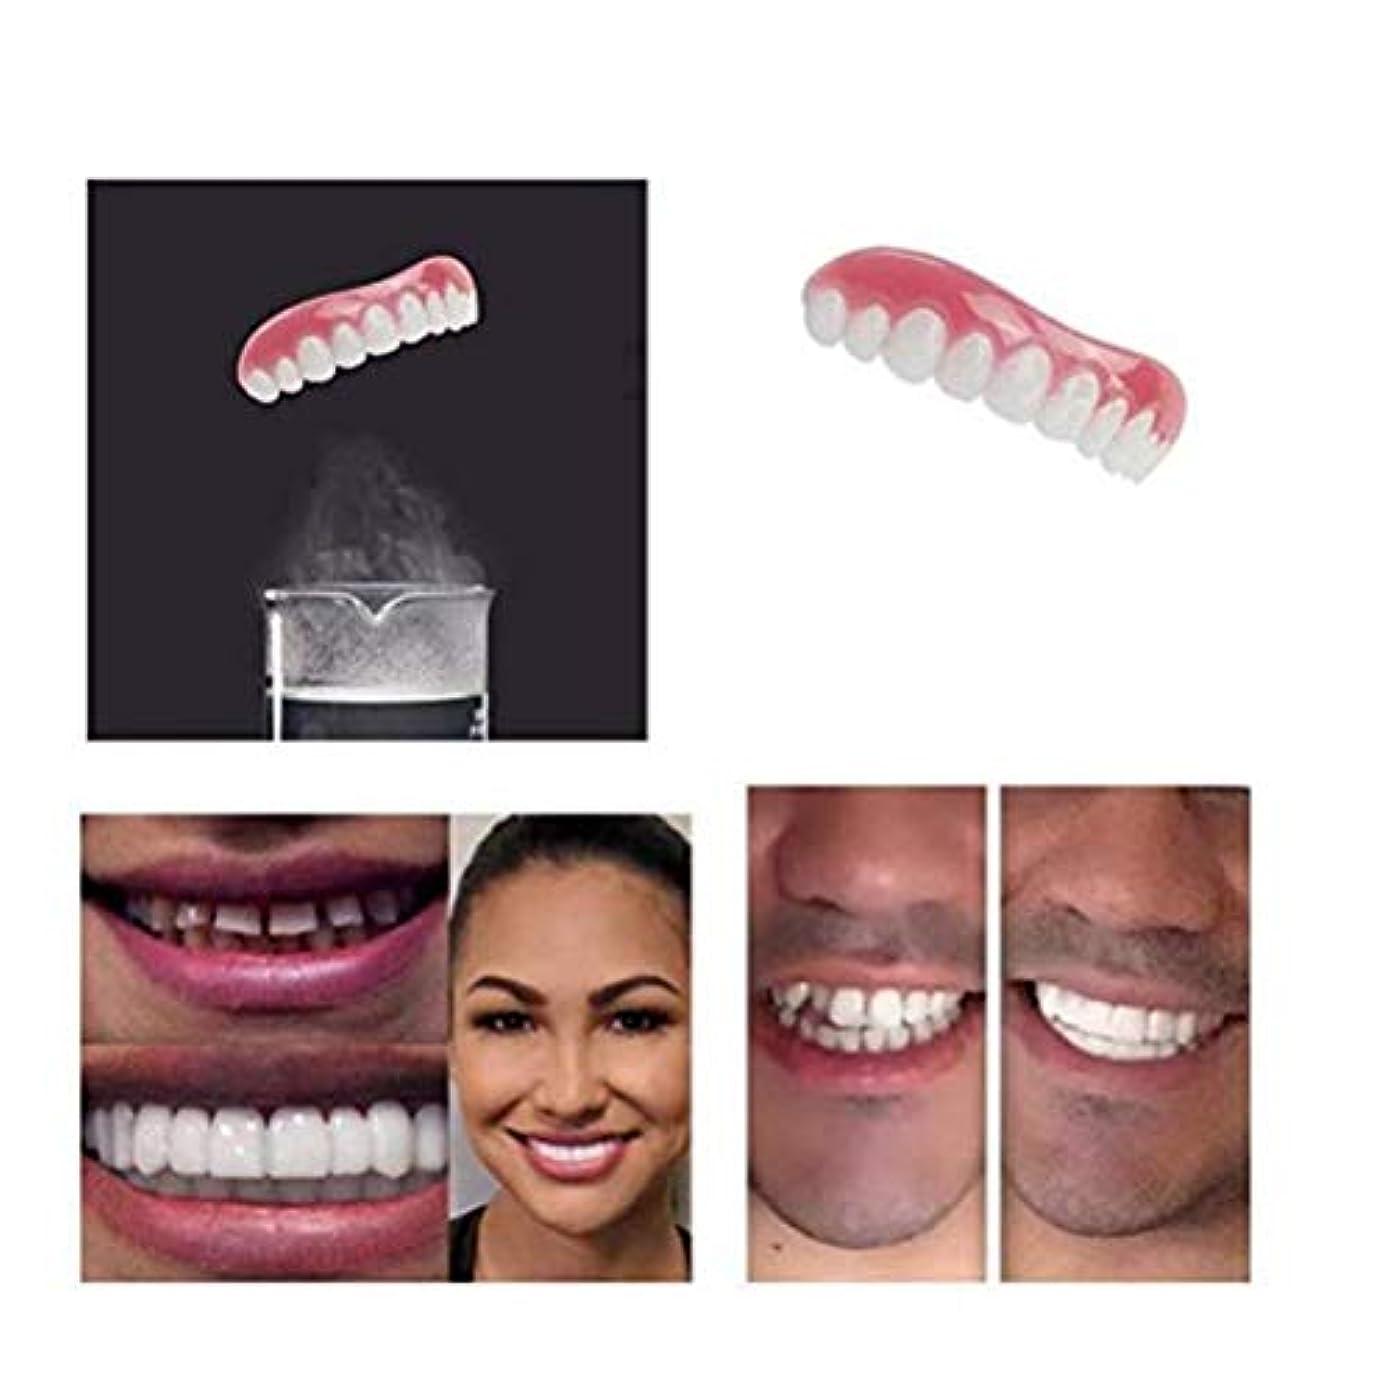 ゼロ鉄過激派快適なフィットフレックス化粧歯義歯歯のトップ化粧ベニアホワイトニングスマイルデンタル